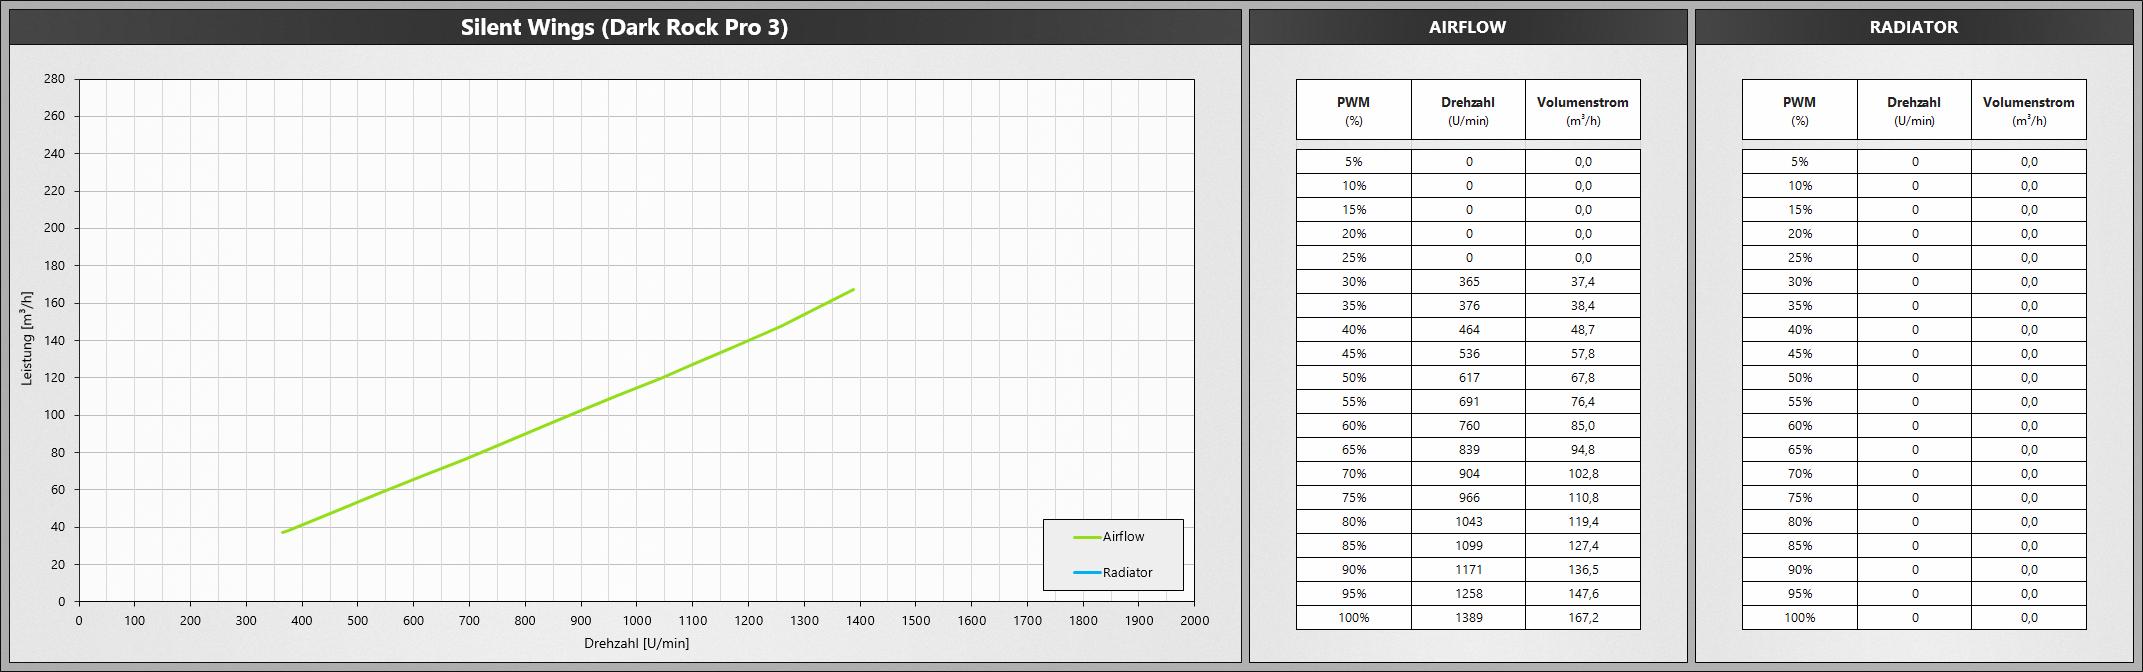 Klicken Sie auf die Grafik für eine größere Ansicht  Name:BQSW-DRP3.png Hits:655 Größe:468,2 KB ID:1074739